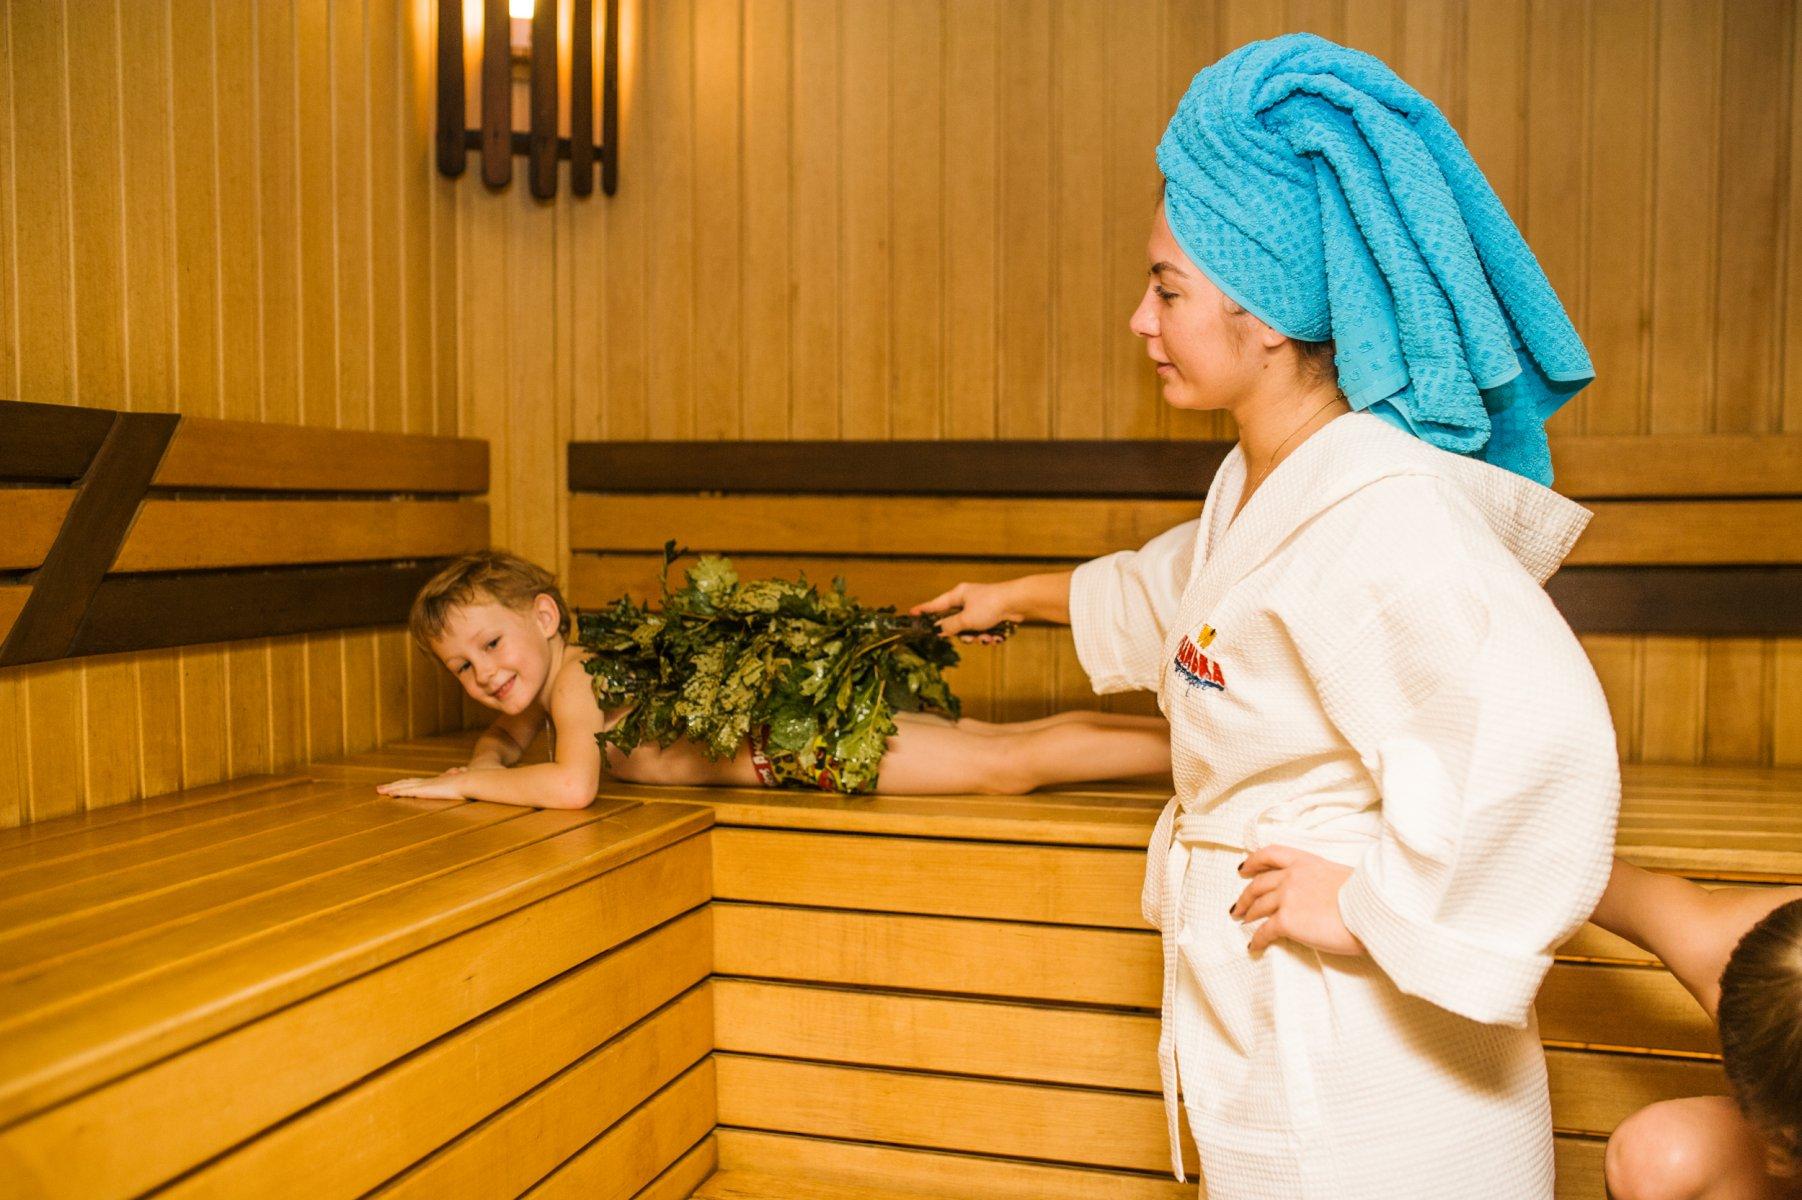 Польза бани для поддержания здоровья и лечения болезней